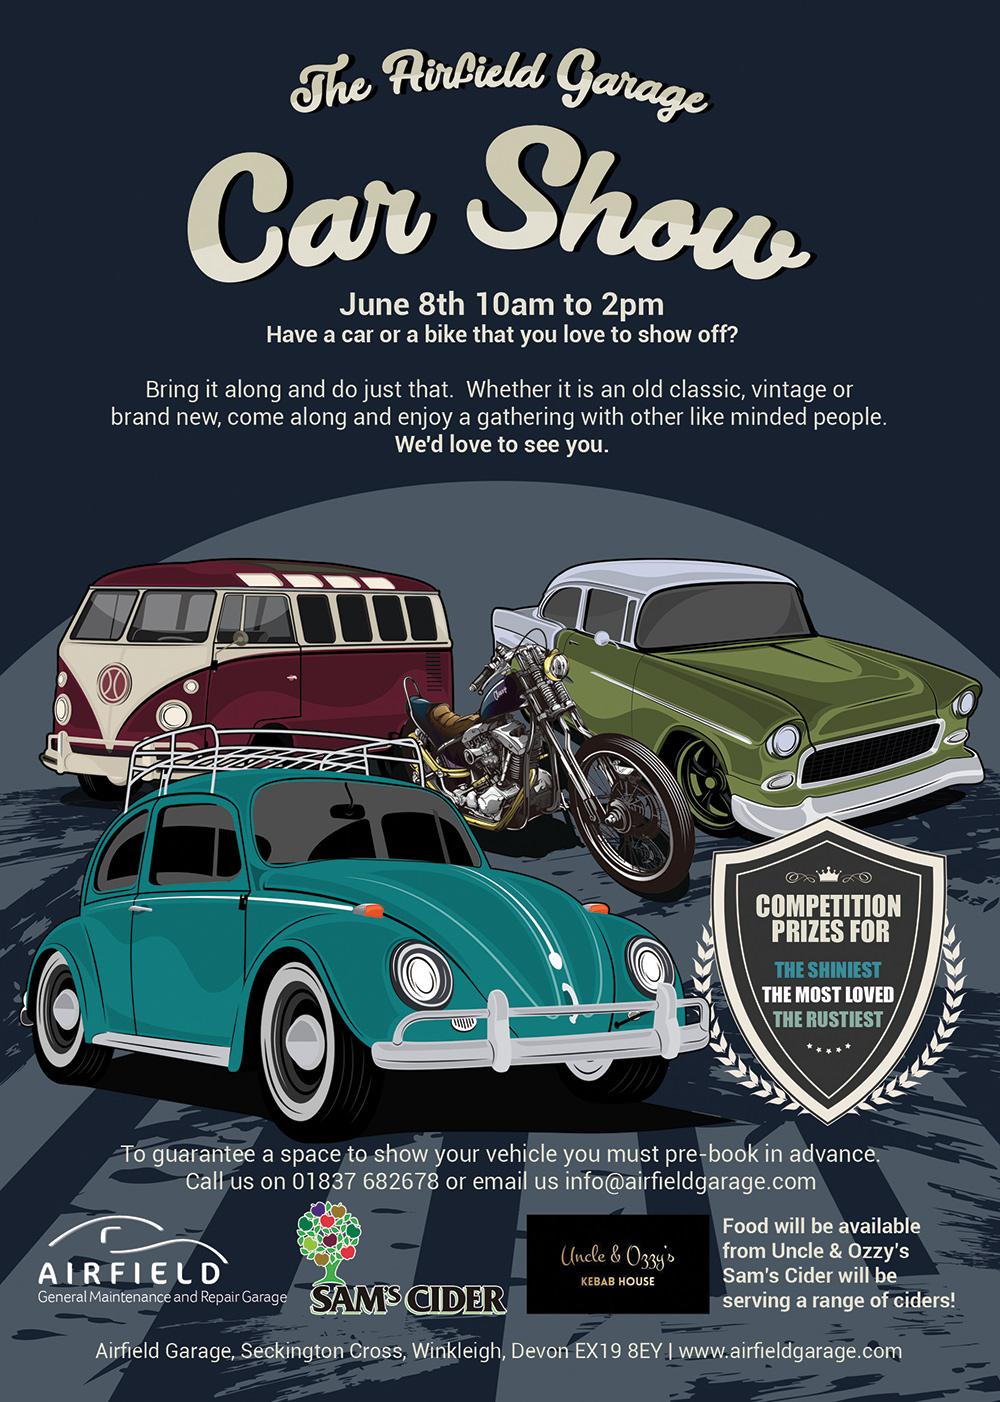 Airfield Car Show 8th June